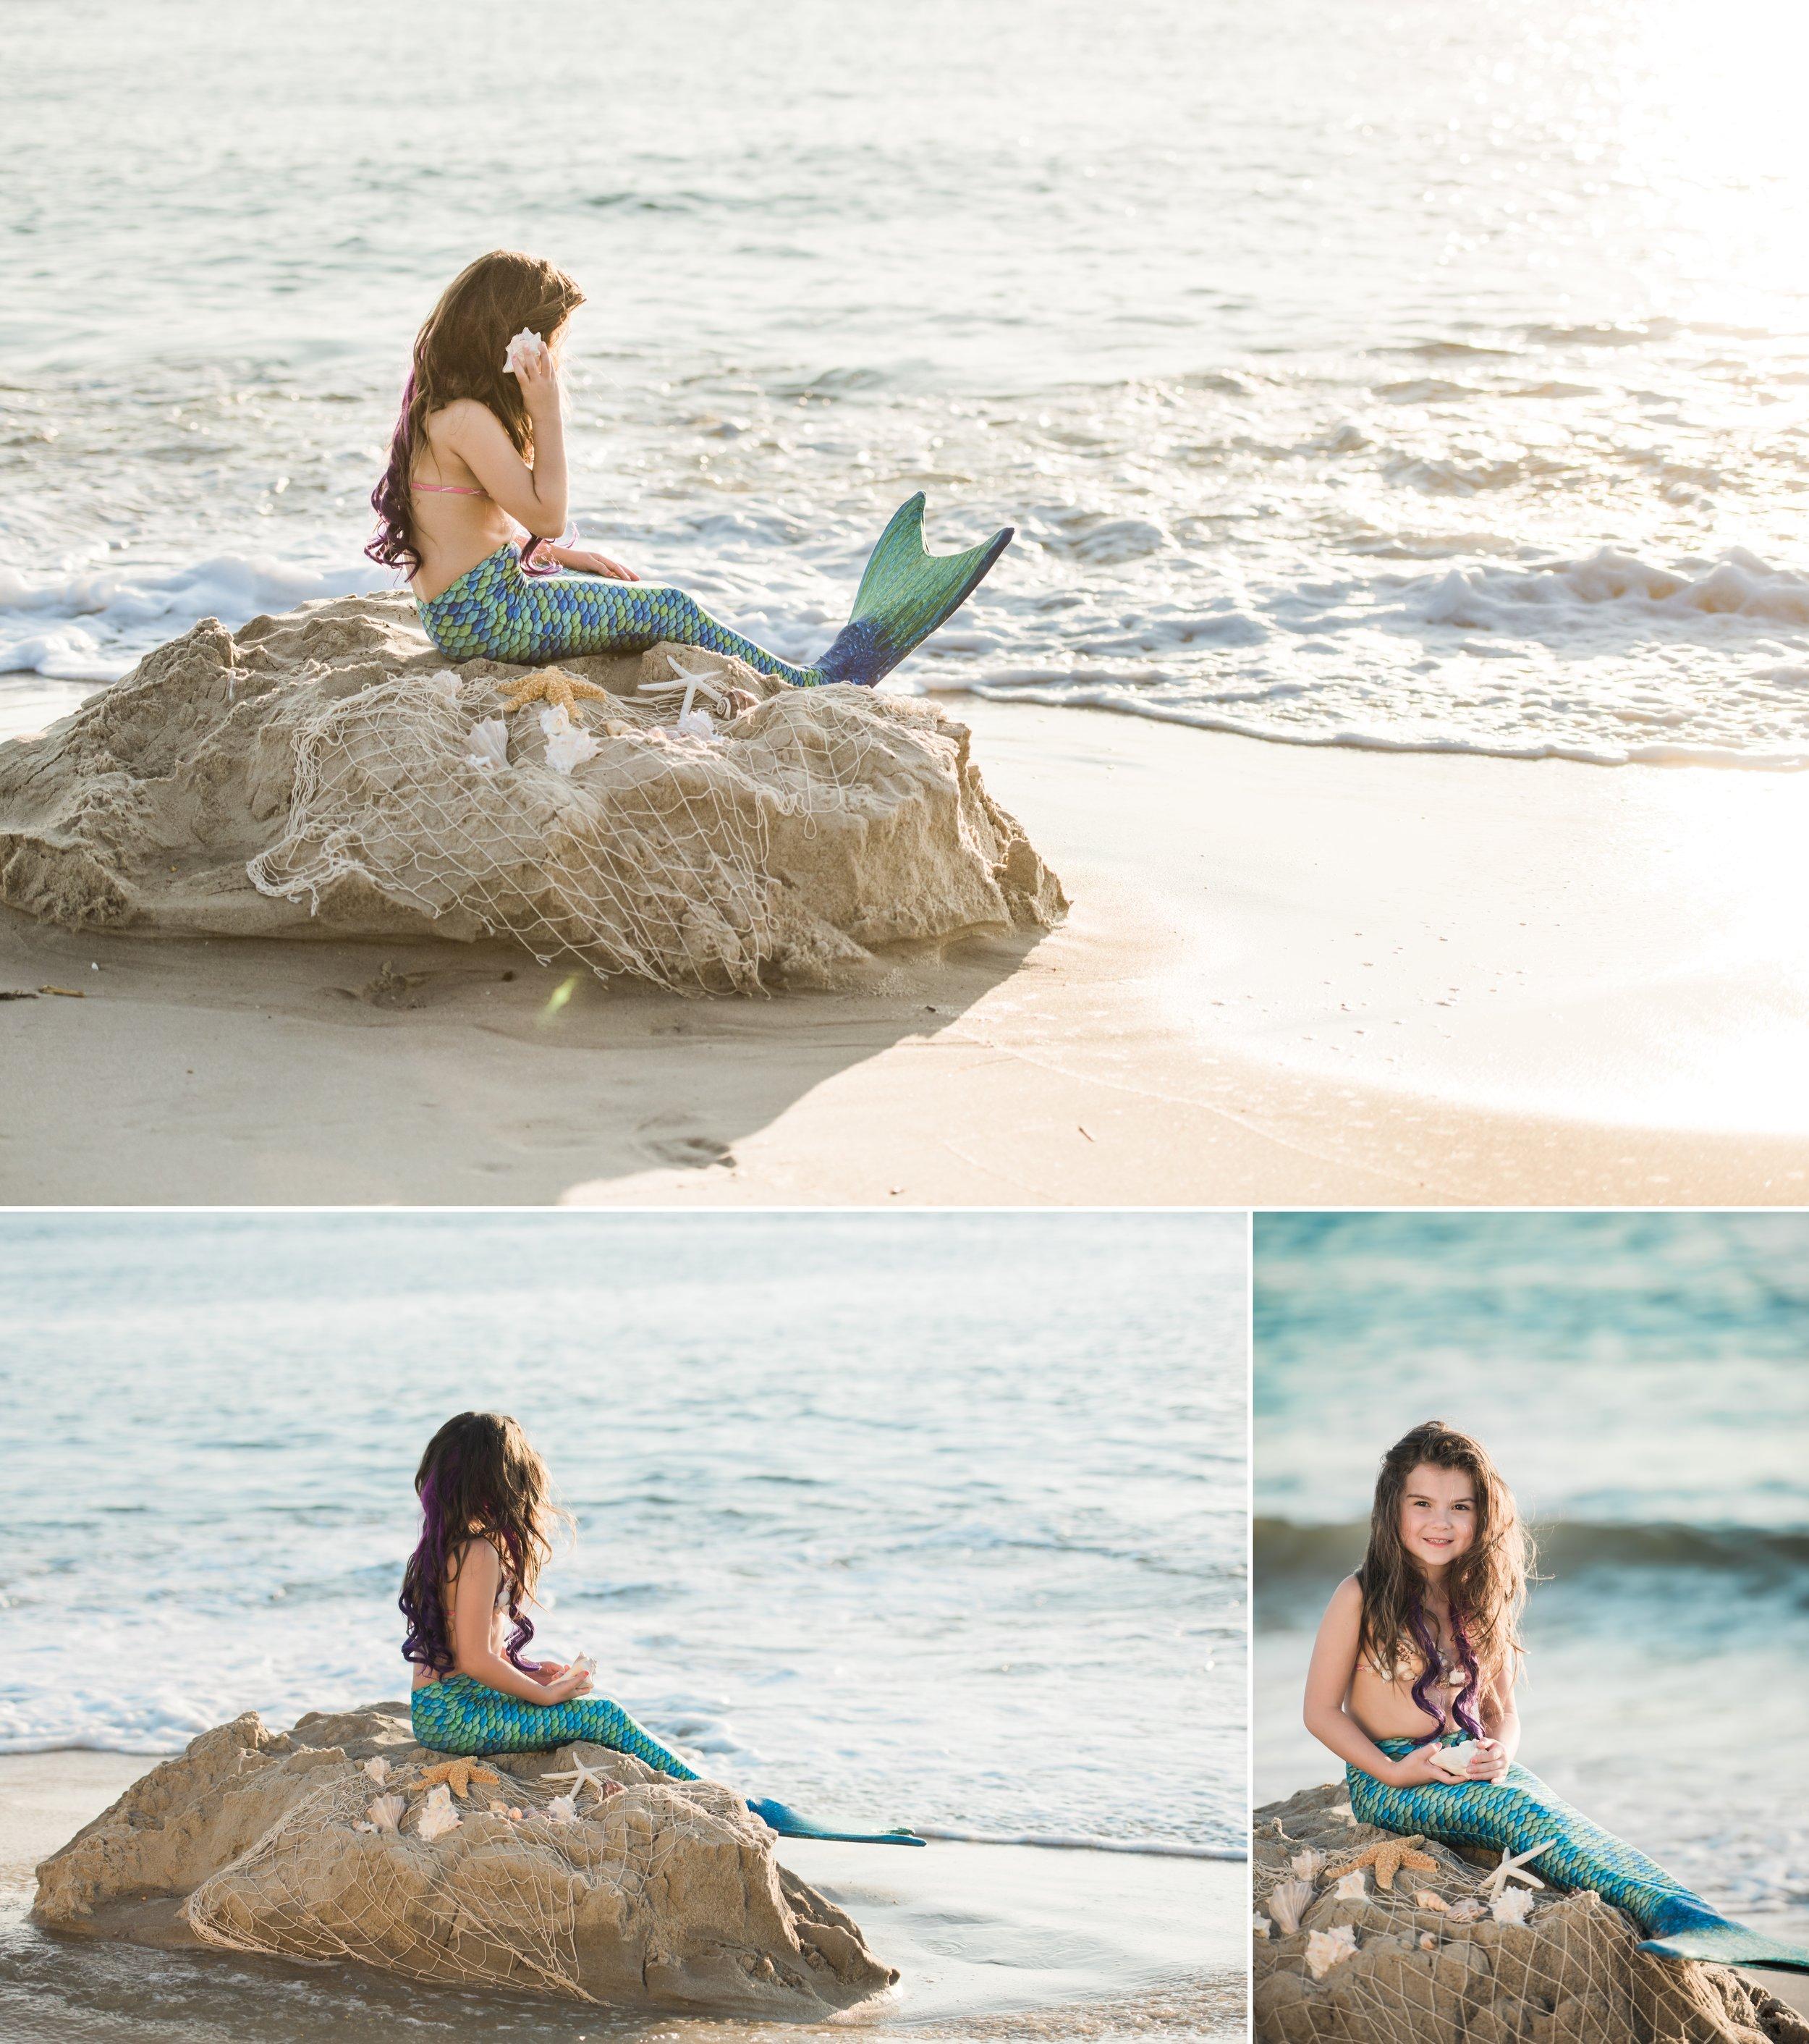 lauren mermaid 1.jpg